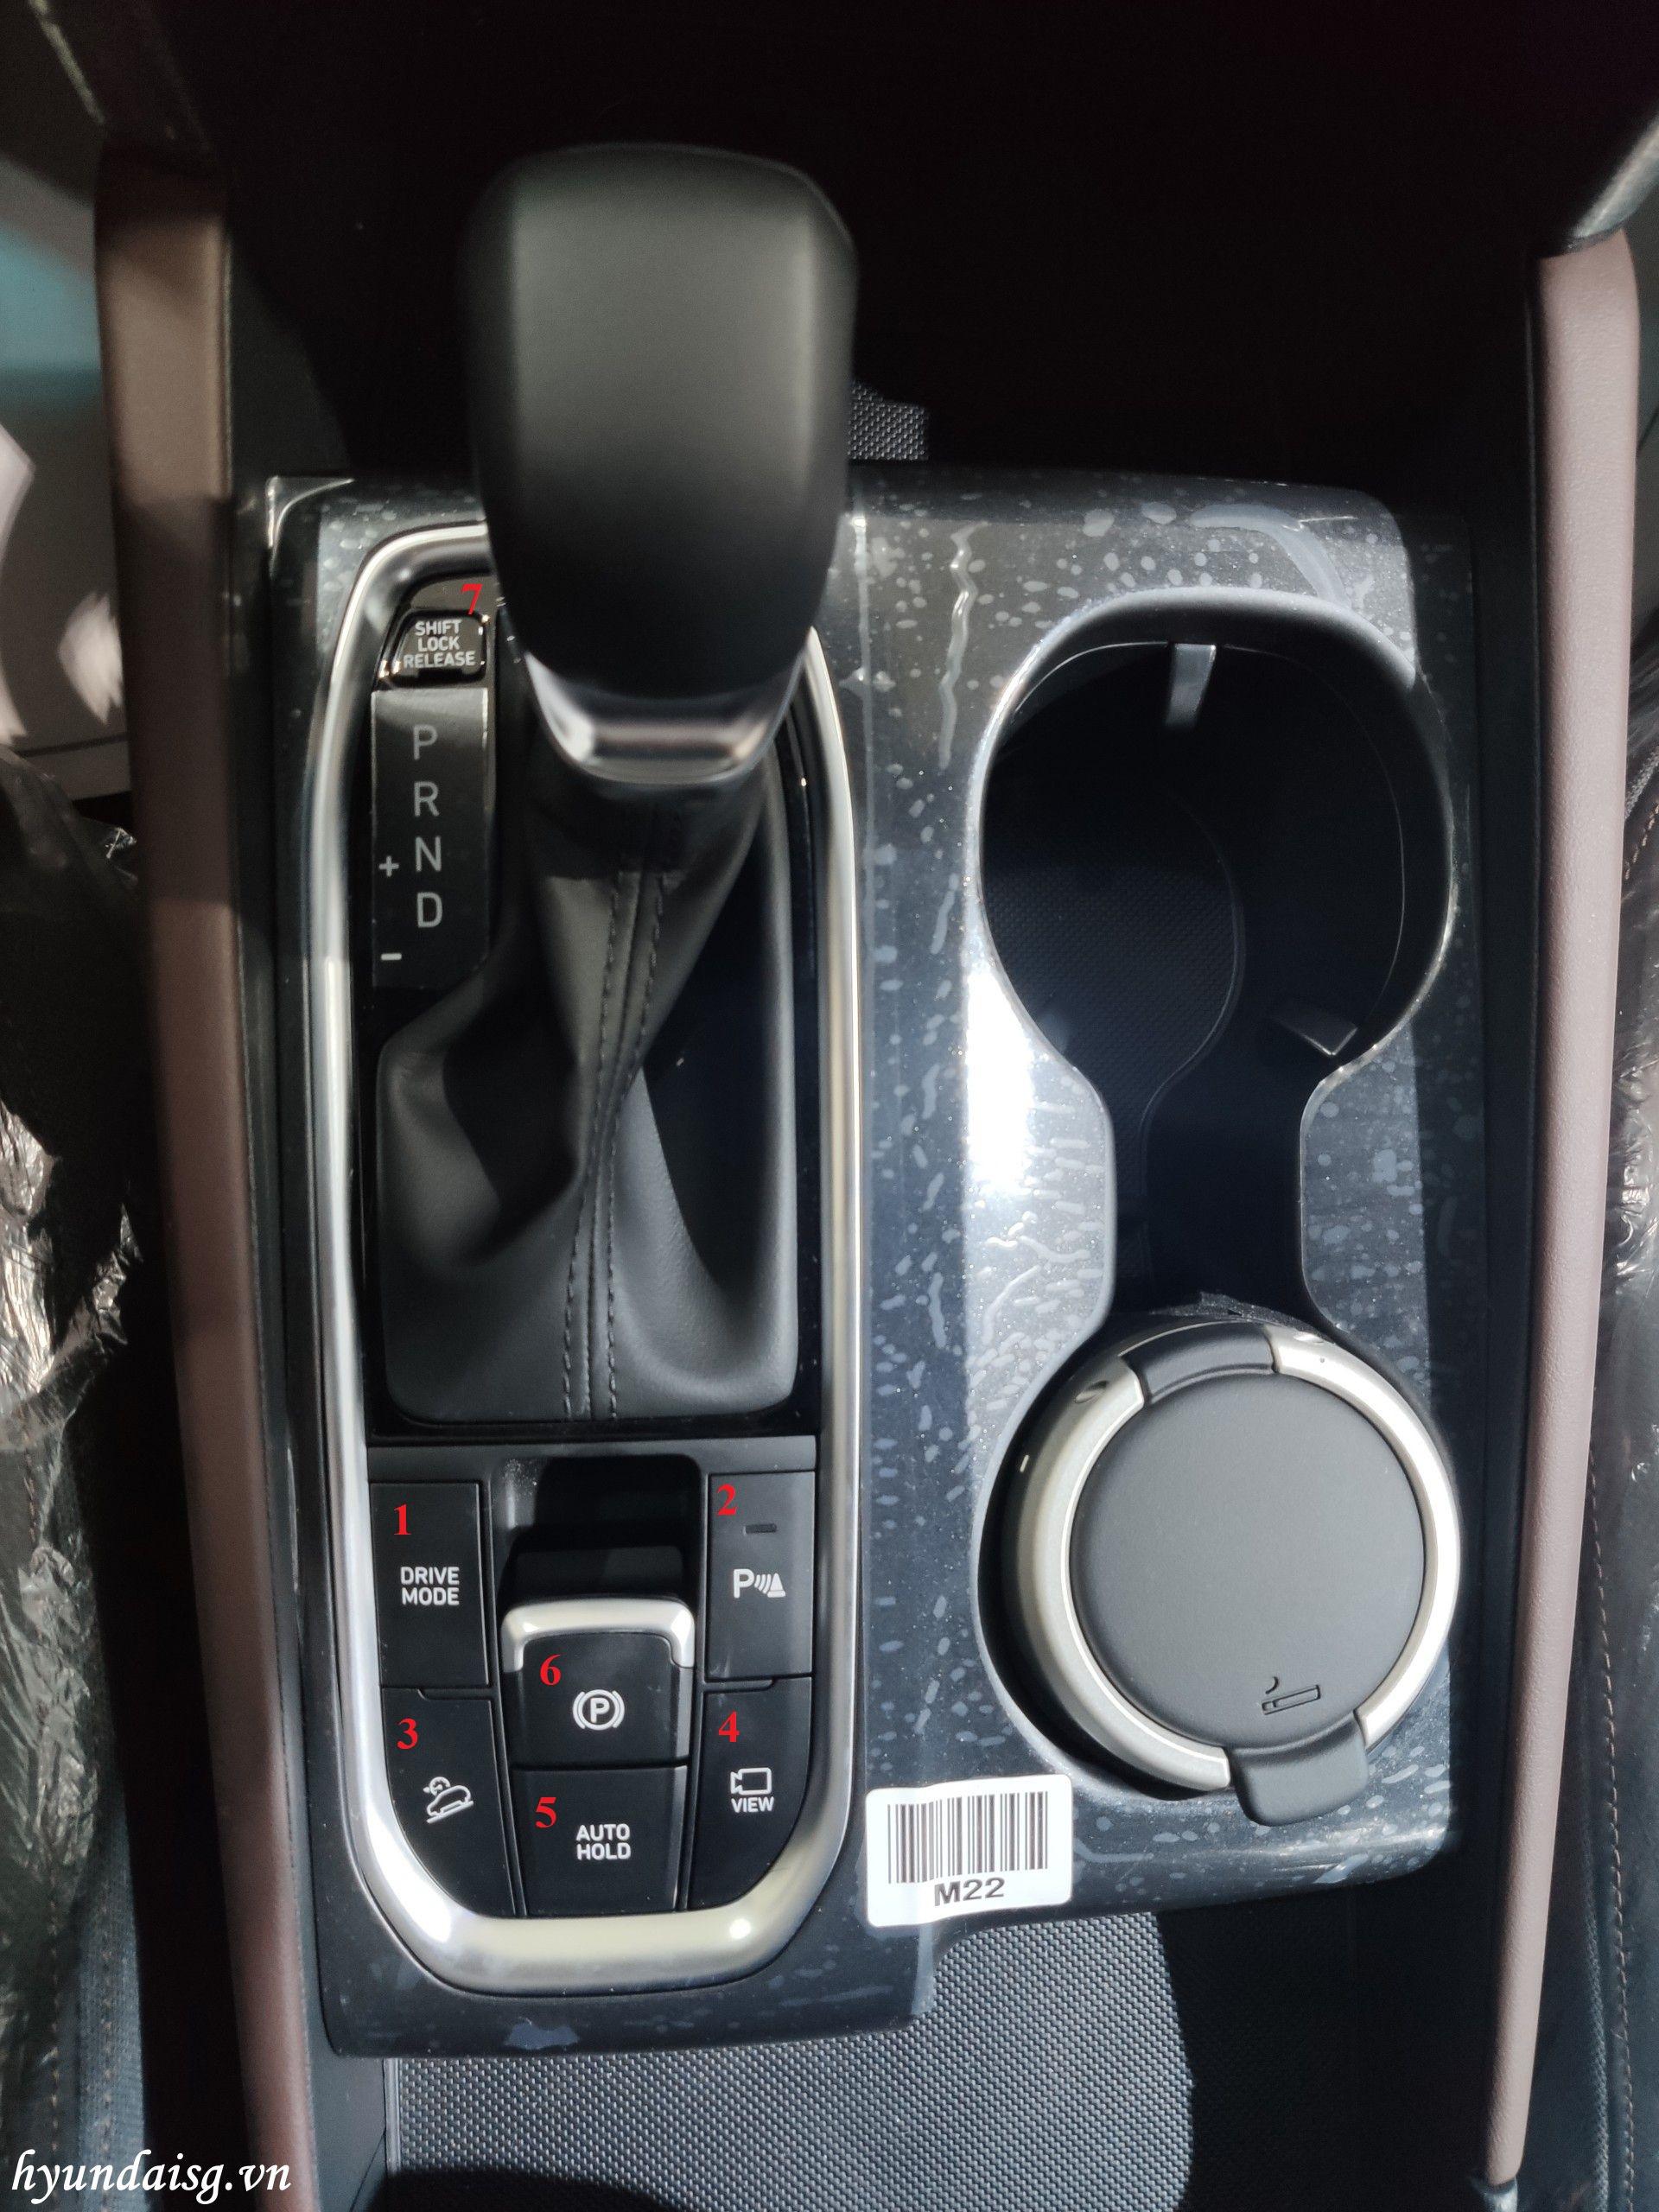 Hình Ảnh Hướng dẫn sử dụng xe Hyundai Santafe cho người mới 24